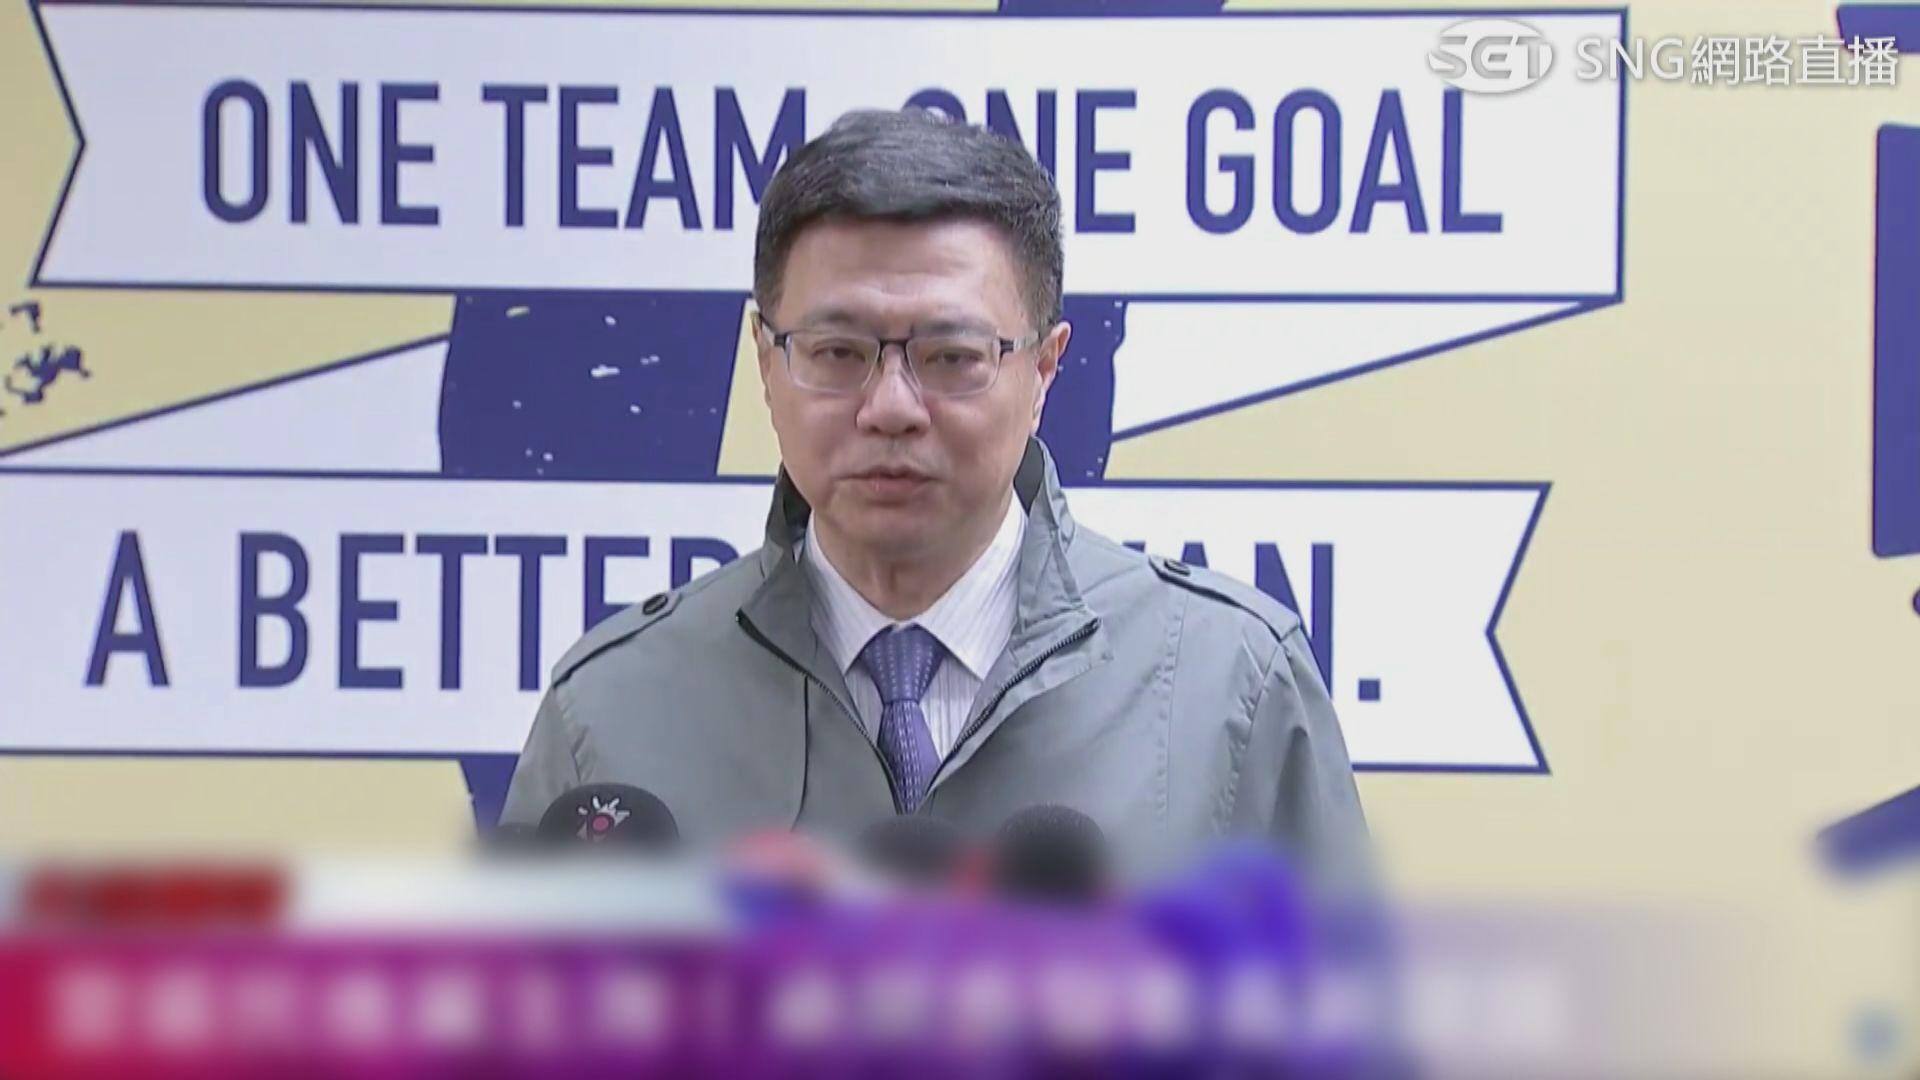 卓榮泰:立委補選與黨務改革為首要任務